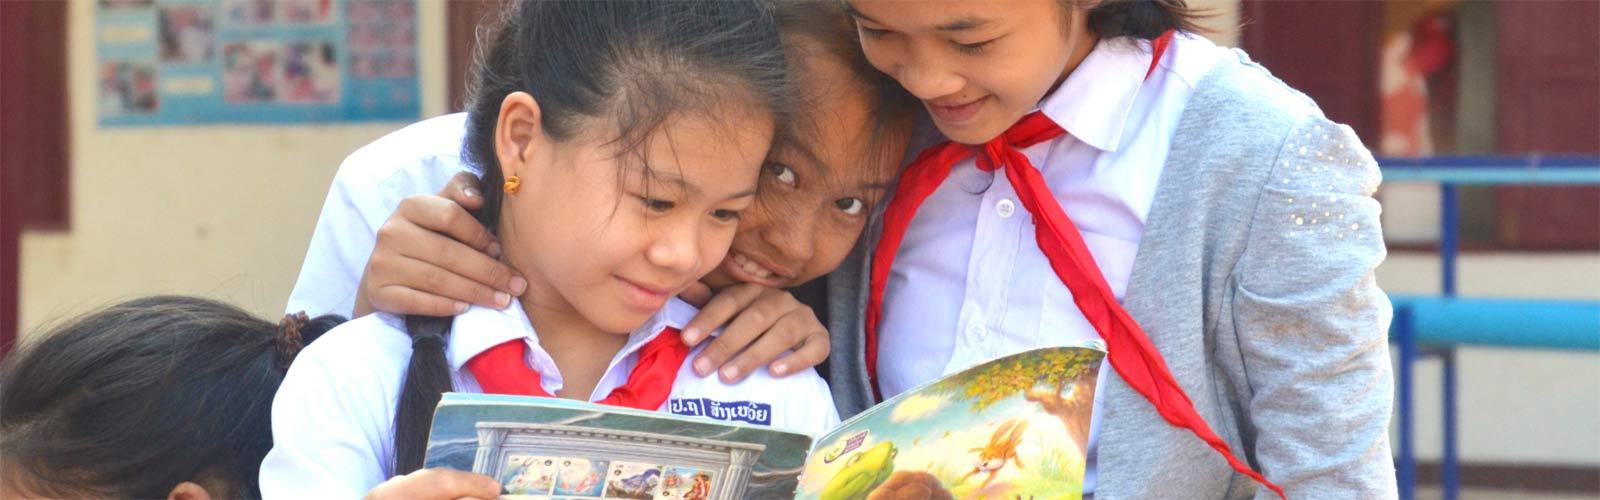 Bildung beginnt mit einem Buch